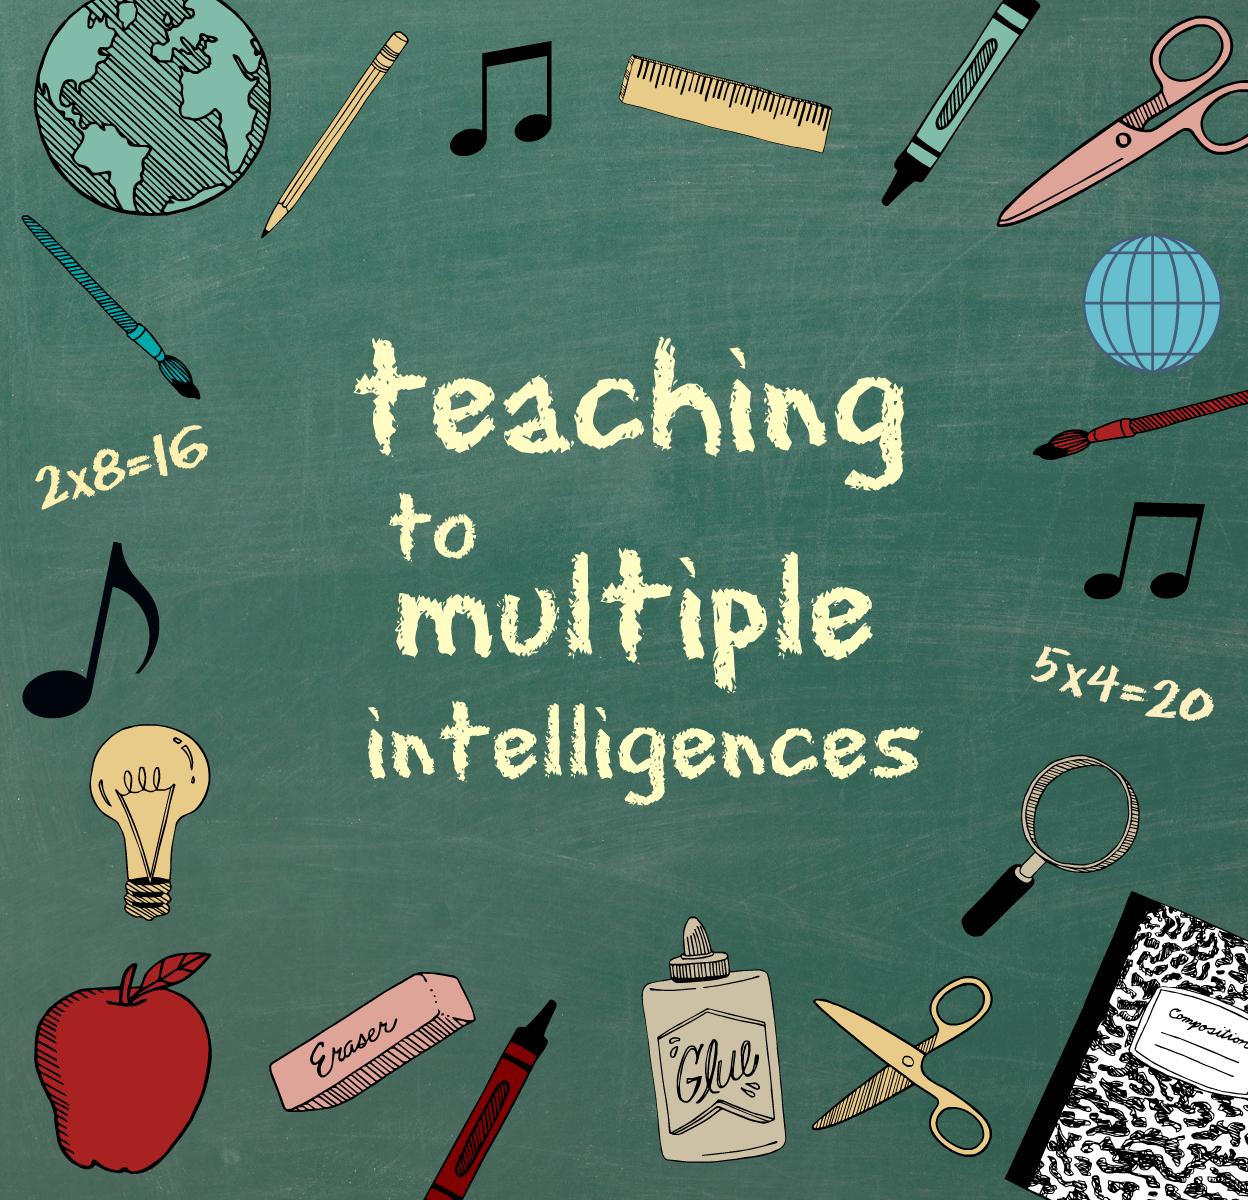 Howard Gardner's eight intelligences